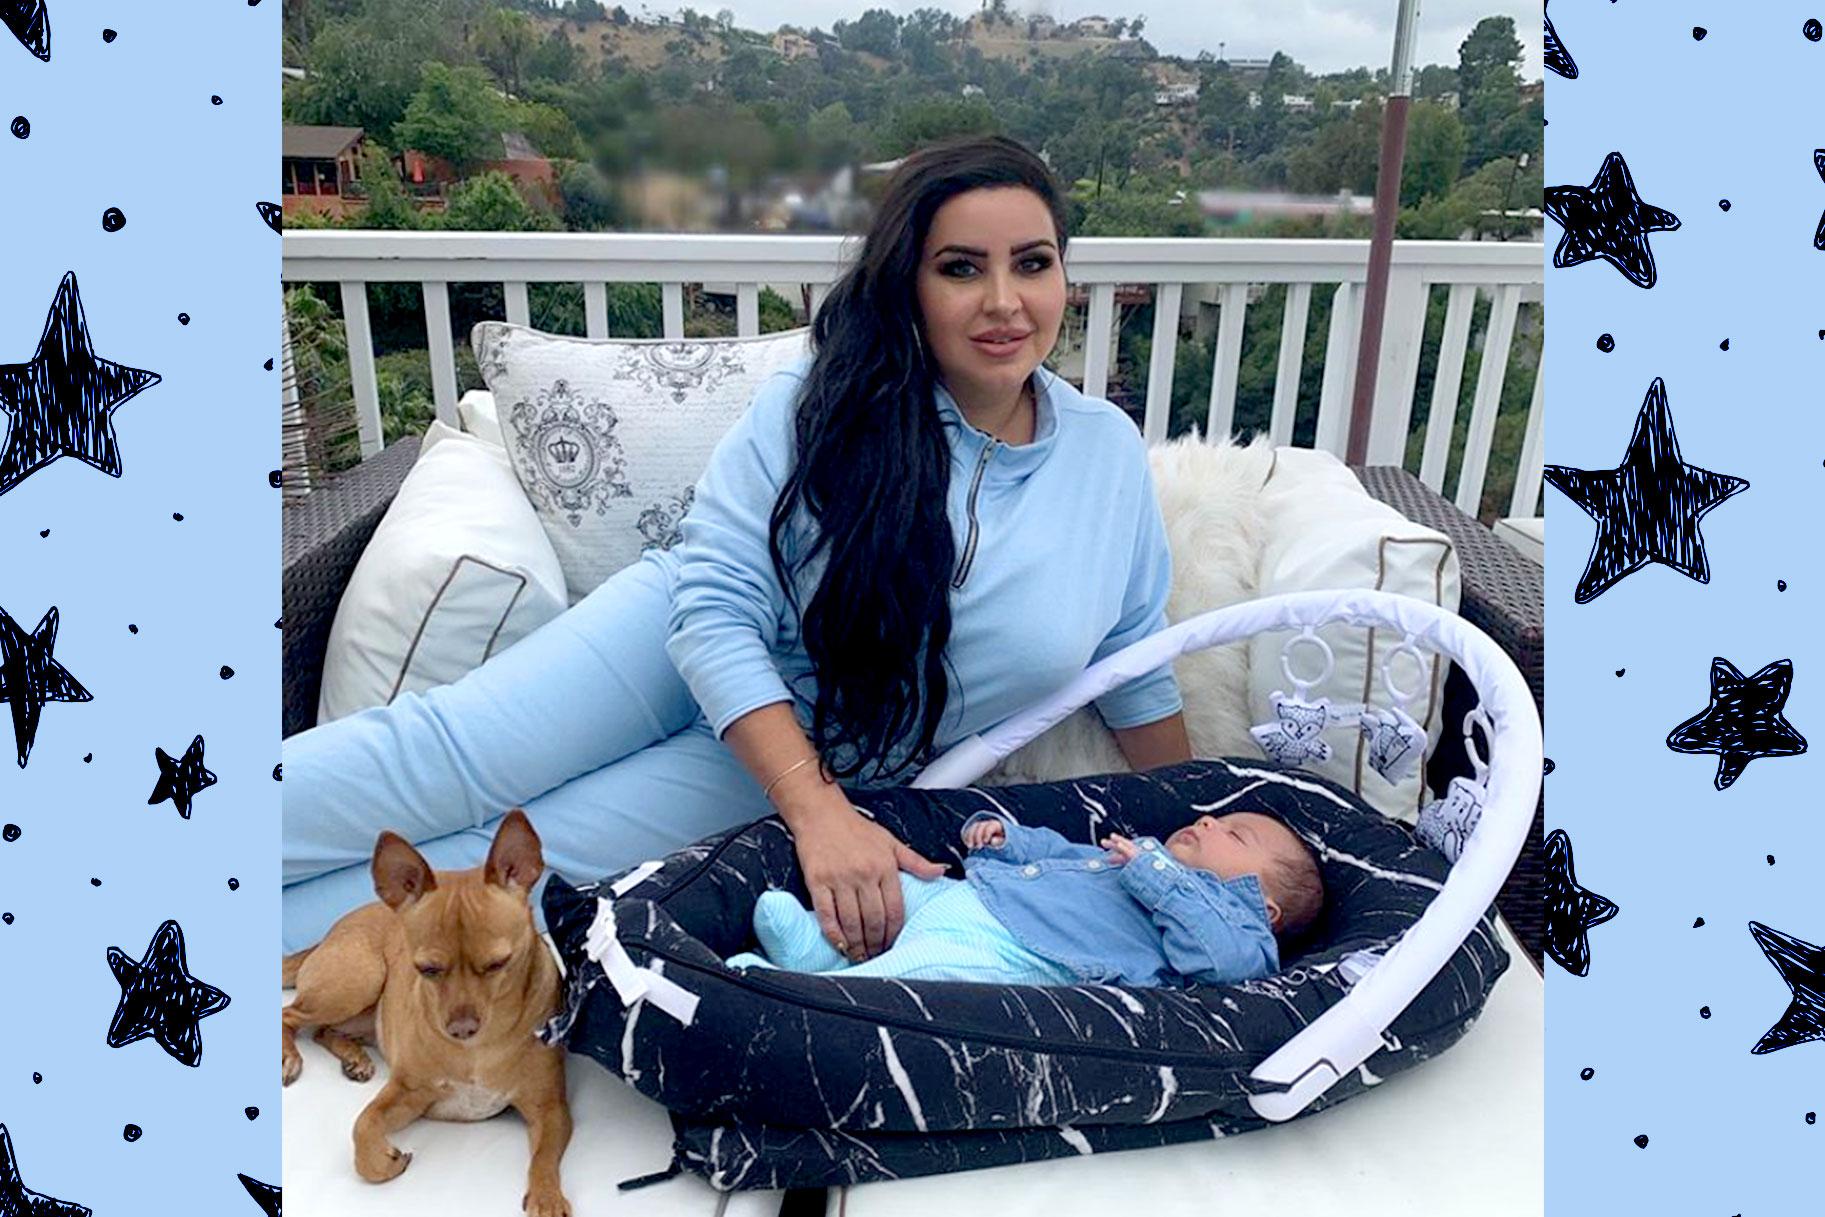 Mercedes Shahs Of Sunset Instagram